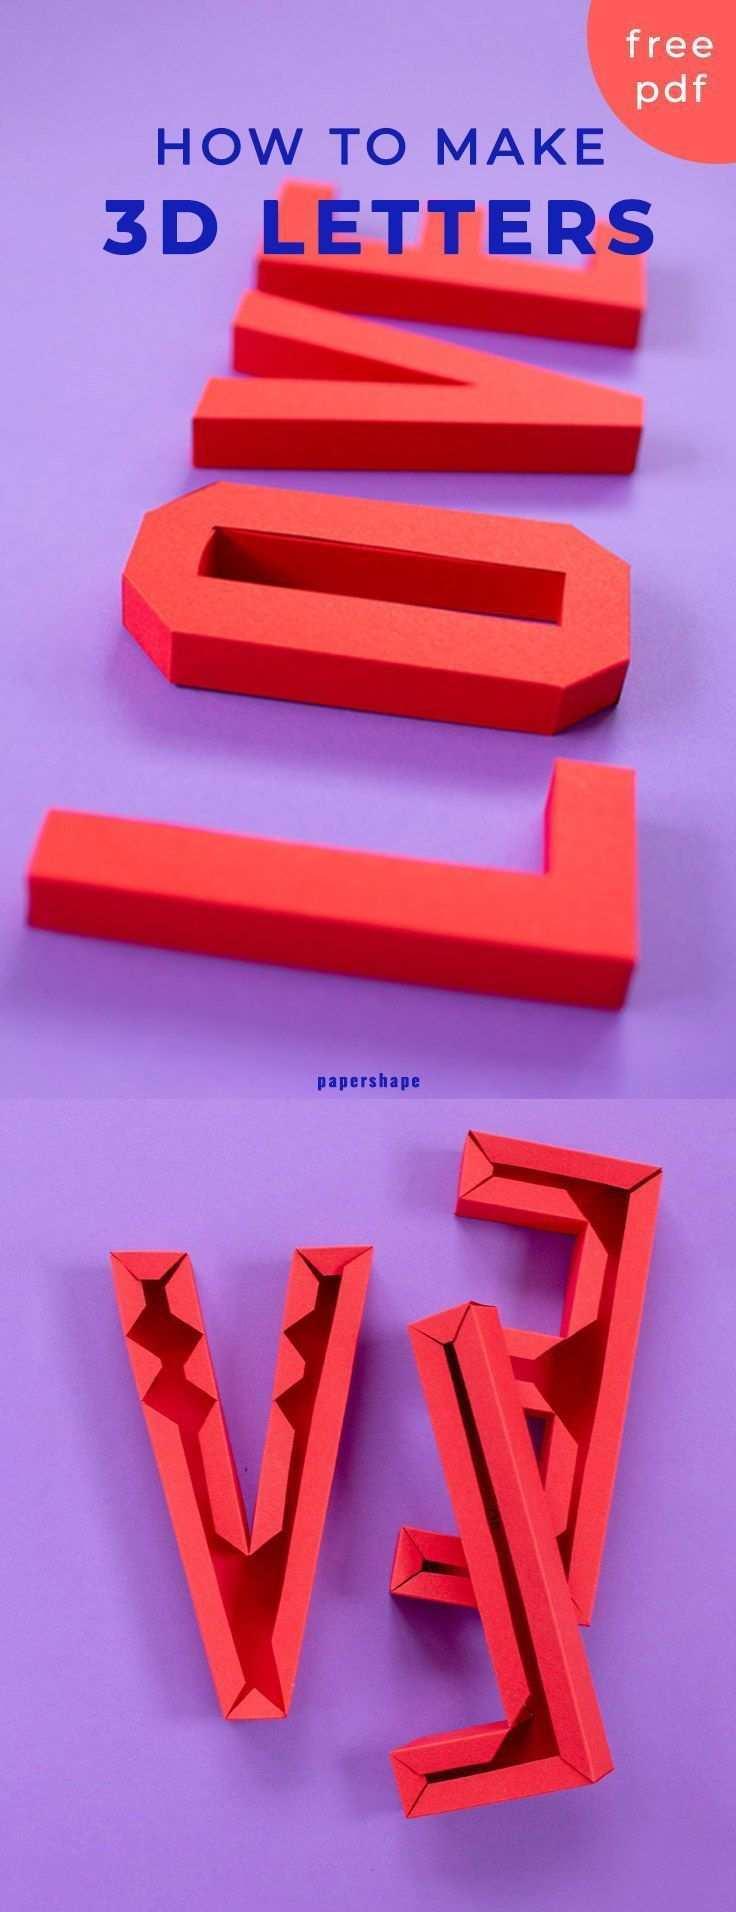 3d Love Schriftzug Basteln Mit Papier Kostenlose Vorlage Basteln Mit Papier Basteln Mit Papier Anleitung Basteln Mit Papier Falten